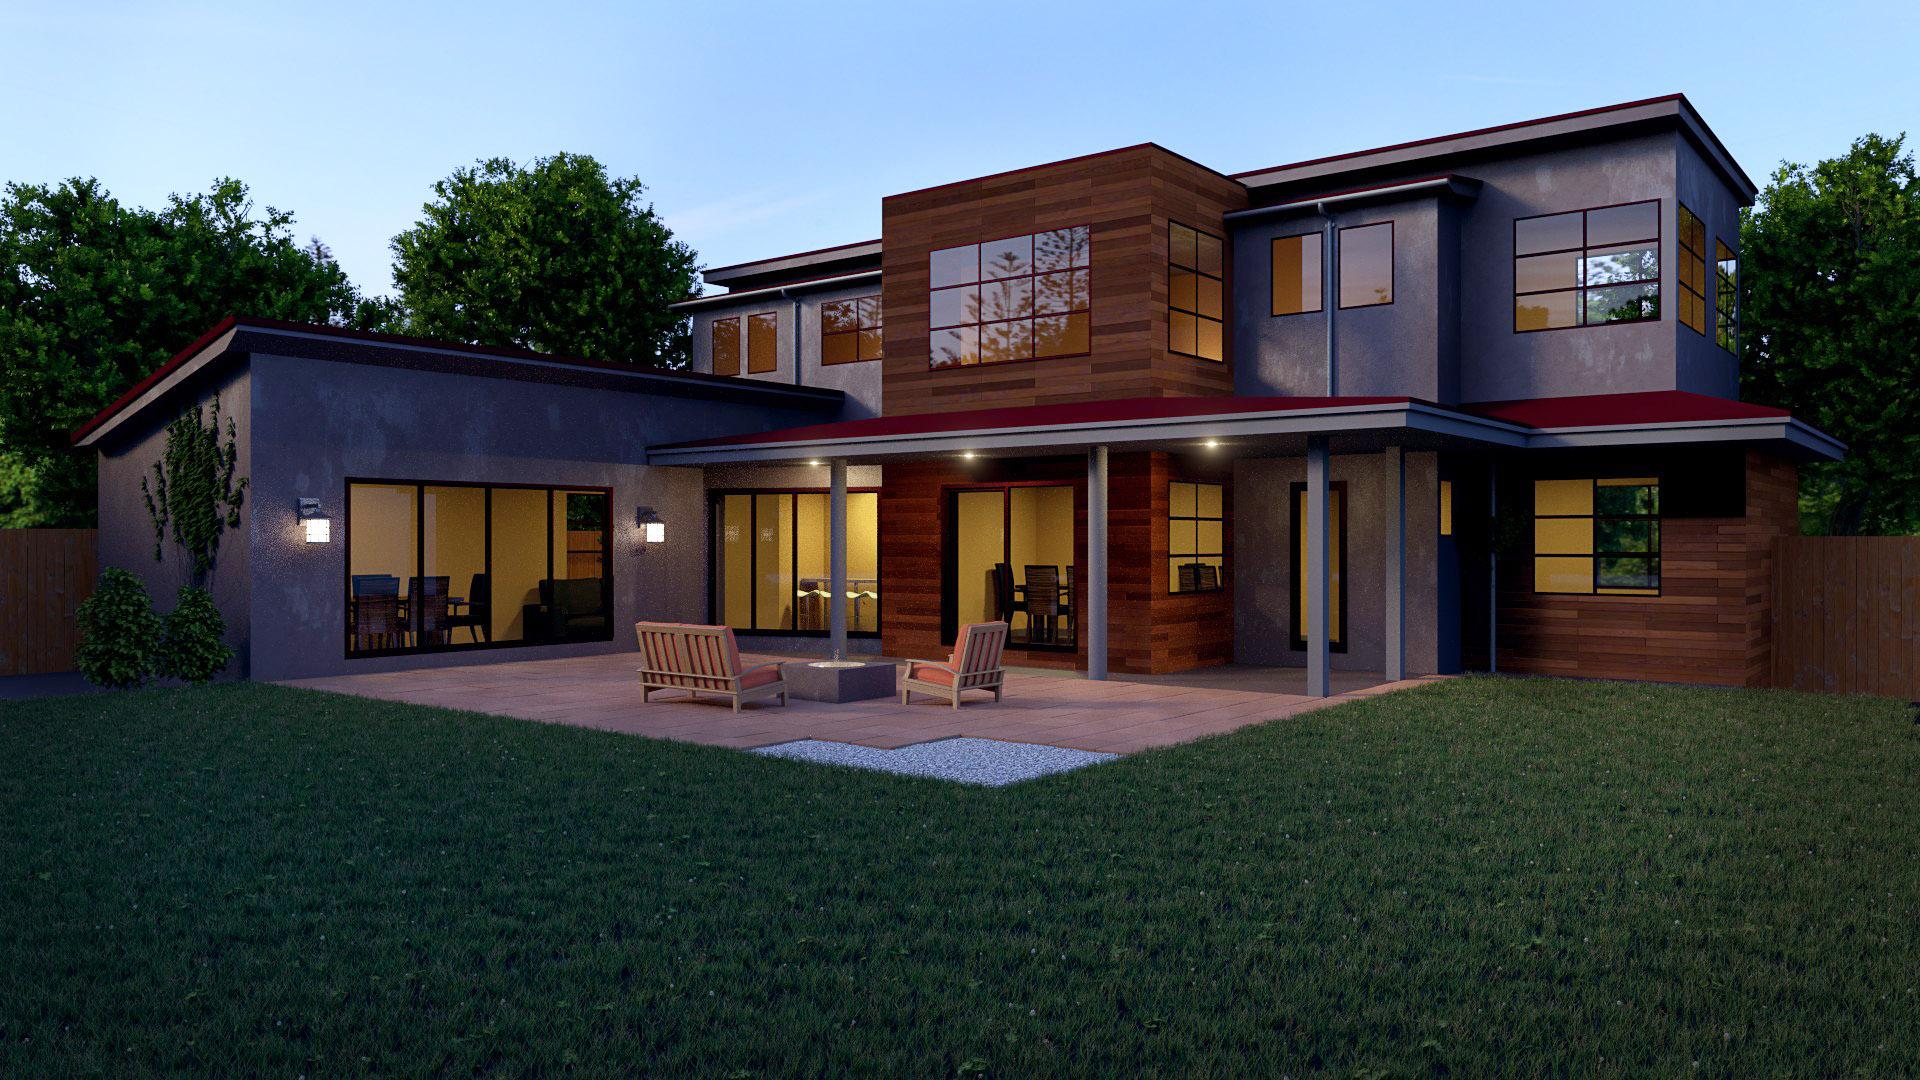 Blender exterior arquitectura casa moderna for Casas modernas exterior